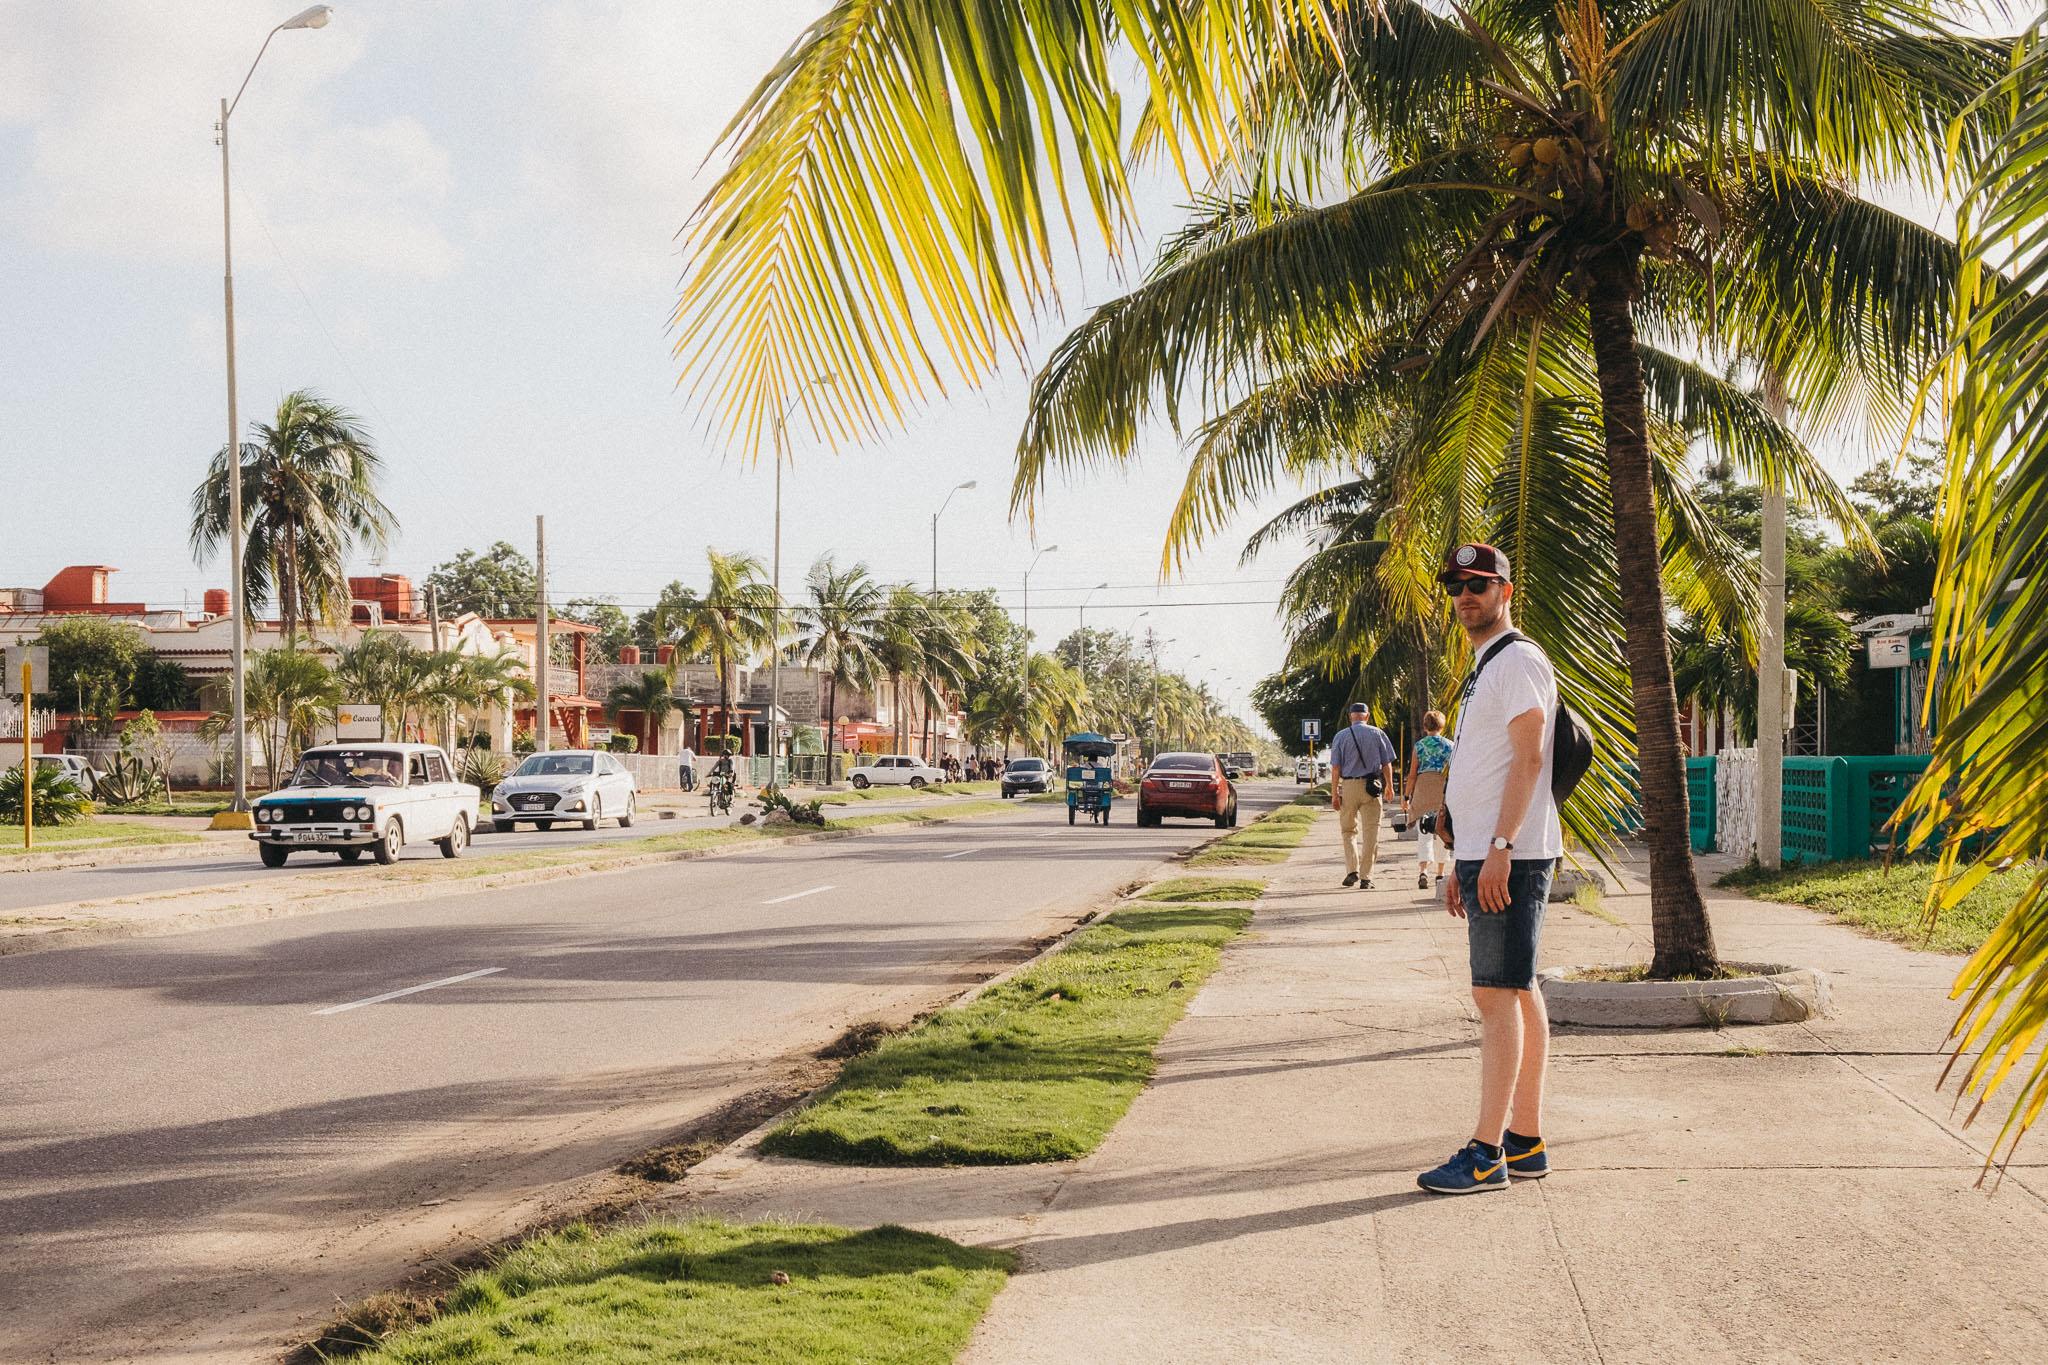 Cuba-2017-12-Cienfuegos-0117.jpg